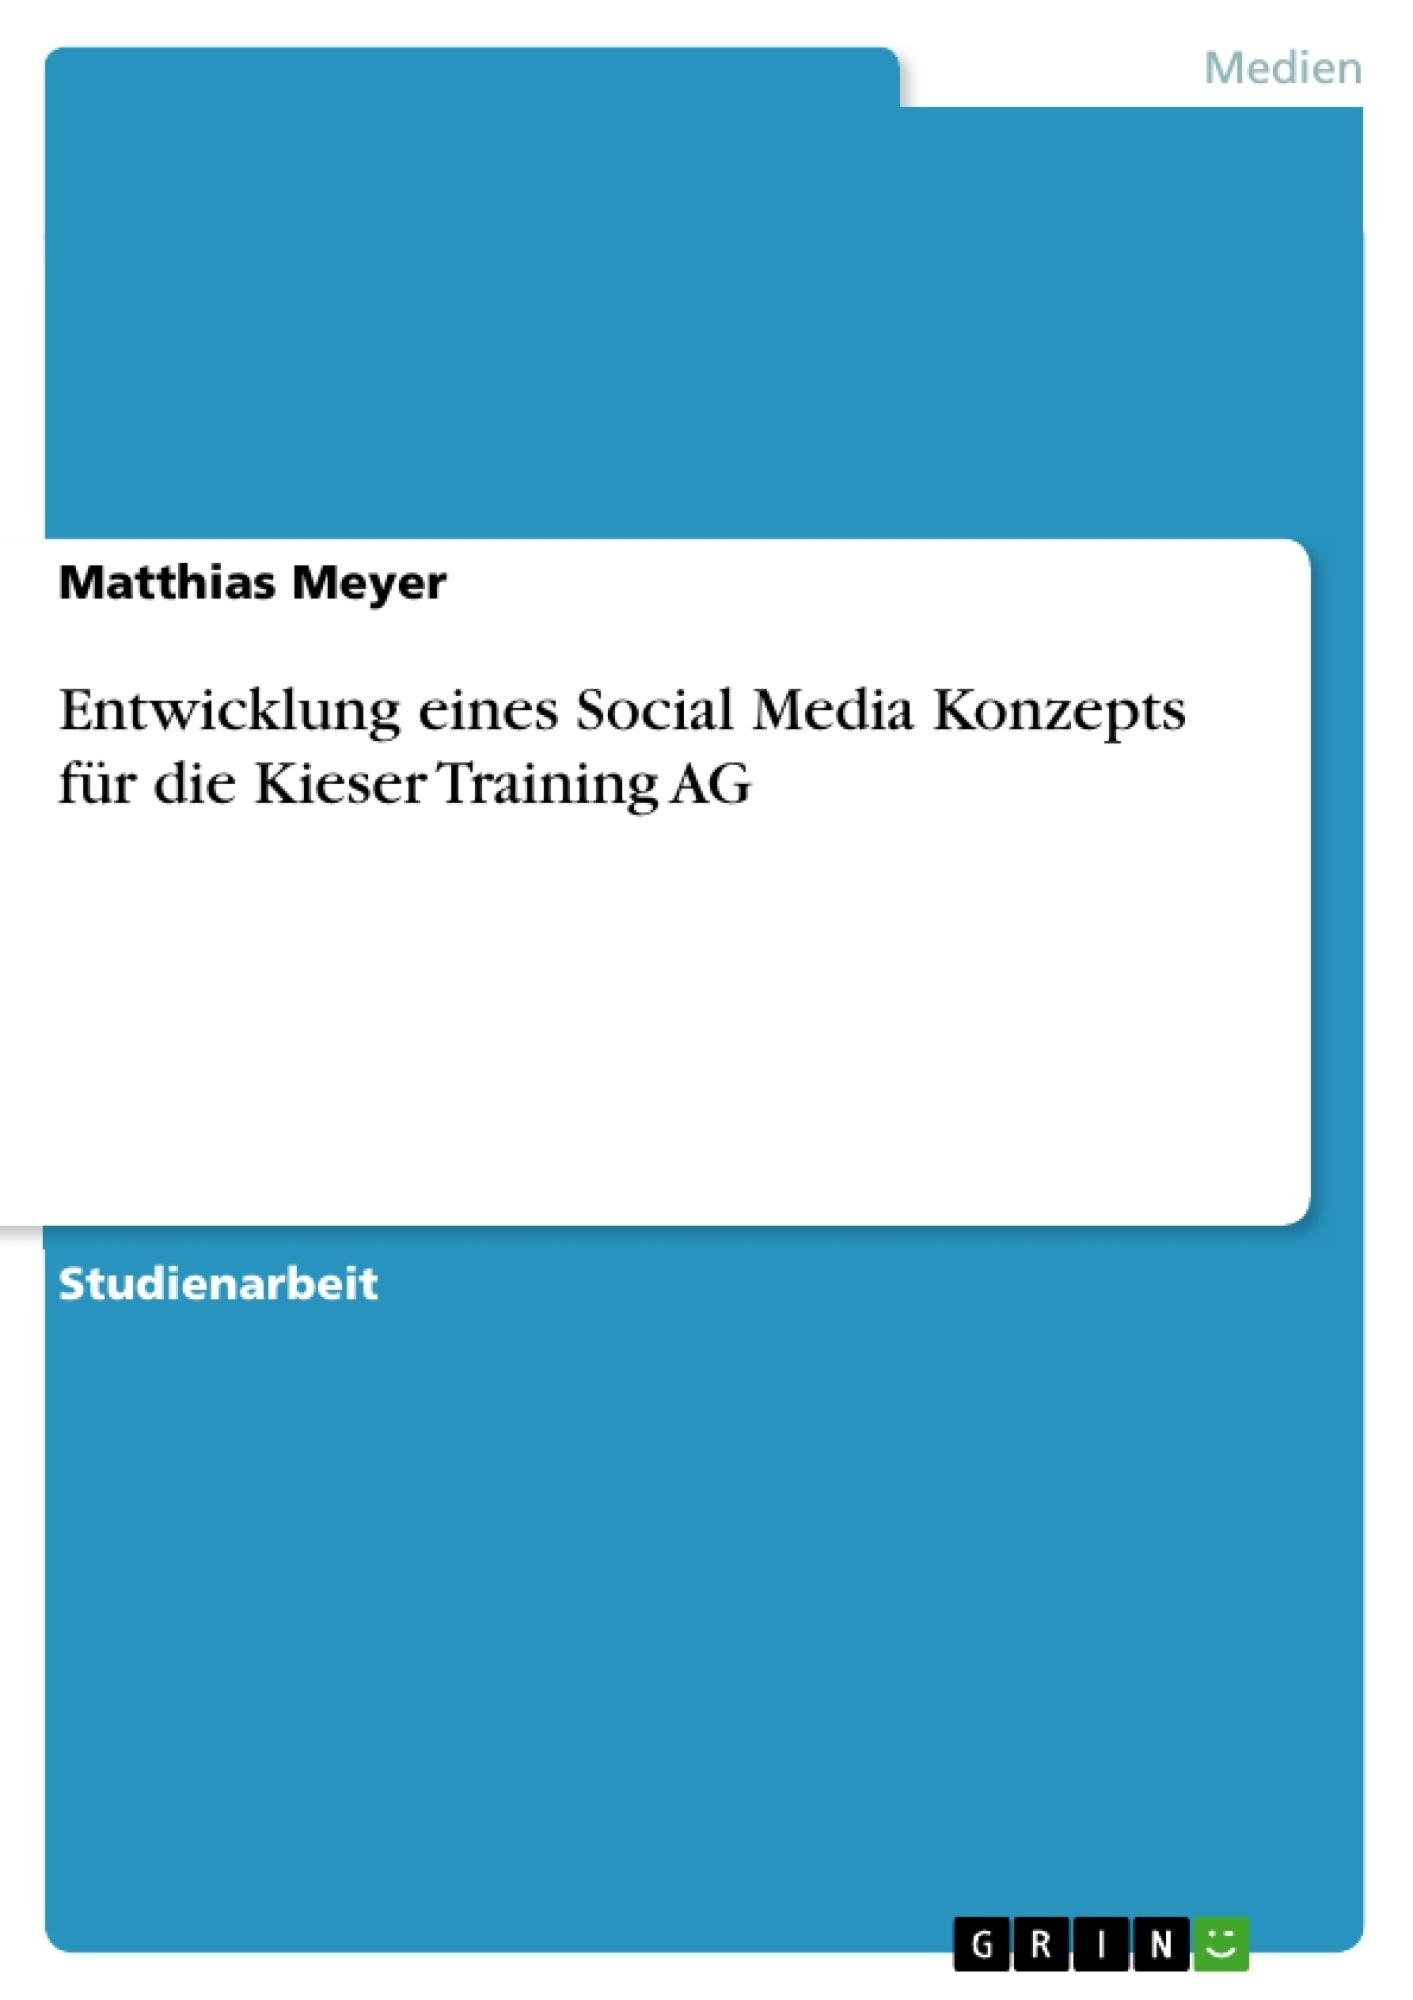 Titel: Entwicklung eines Social Media Konzepts für die Kieser Training AG